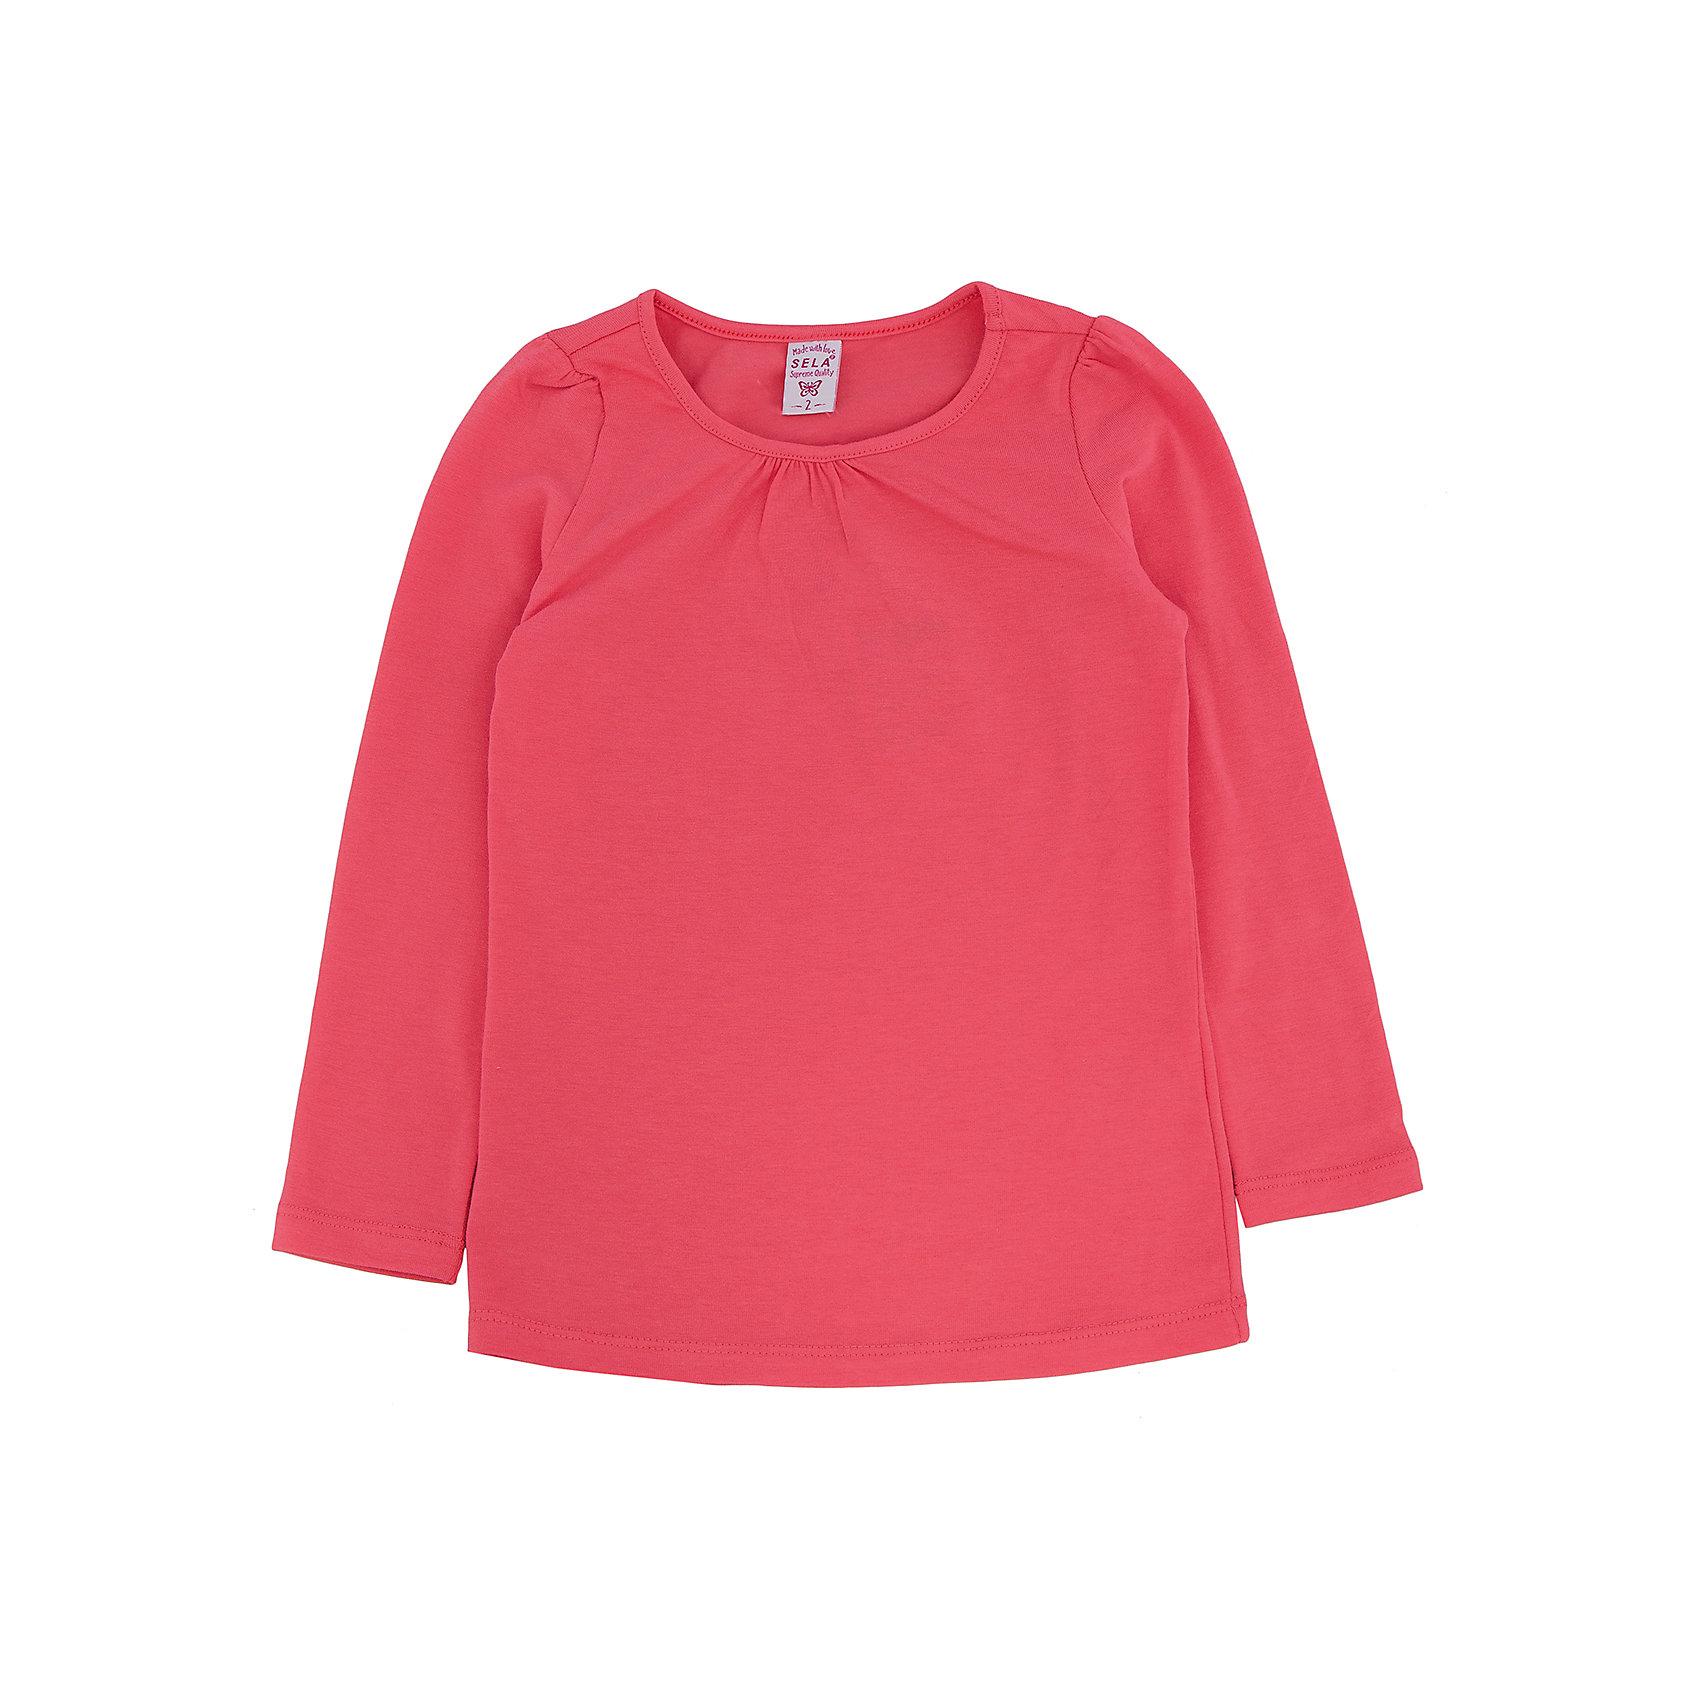 Футболка с длинным рукавом для девочки SELAФутболки с длинным рукавом<br>Джемпер для девочки из коллекции осень-зима 2016-2017 от известного бренда Sela(сэла).<br>Модель имеет прямой силуэт и длинные рукава. Отлично сочетается и с джинсами, и с юбкой.<br>Особенности:<br>-прямой силуэт<br>-длинные рукава<br>-нормальная длина<br>Состав: 5% эластан, 95% хлопок<br>Джемпер для девочек Sela(сэла) можно купить в нашем интернет-магазине.<br><br>Ширина мм: 190<br>Глубина мм: 74<br>Высота мм: 229<br>Вес г: 236<br>Цвет: красный<br>Возраст от месяцев: 24<br>Возраст до месяцев: 36<br>Пол: Женский<br>Возраст: Детский<br>Размер: 98,116,92,104,110<br>SKU: 4883765